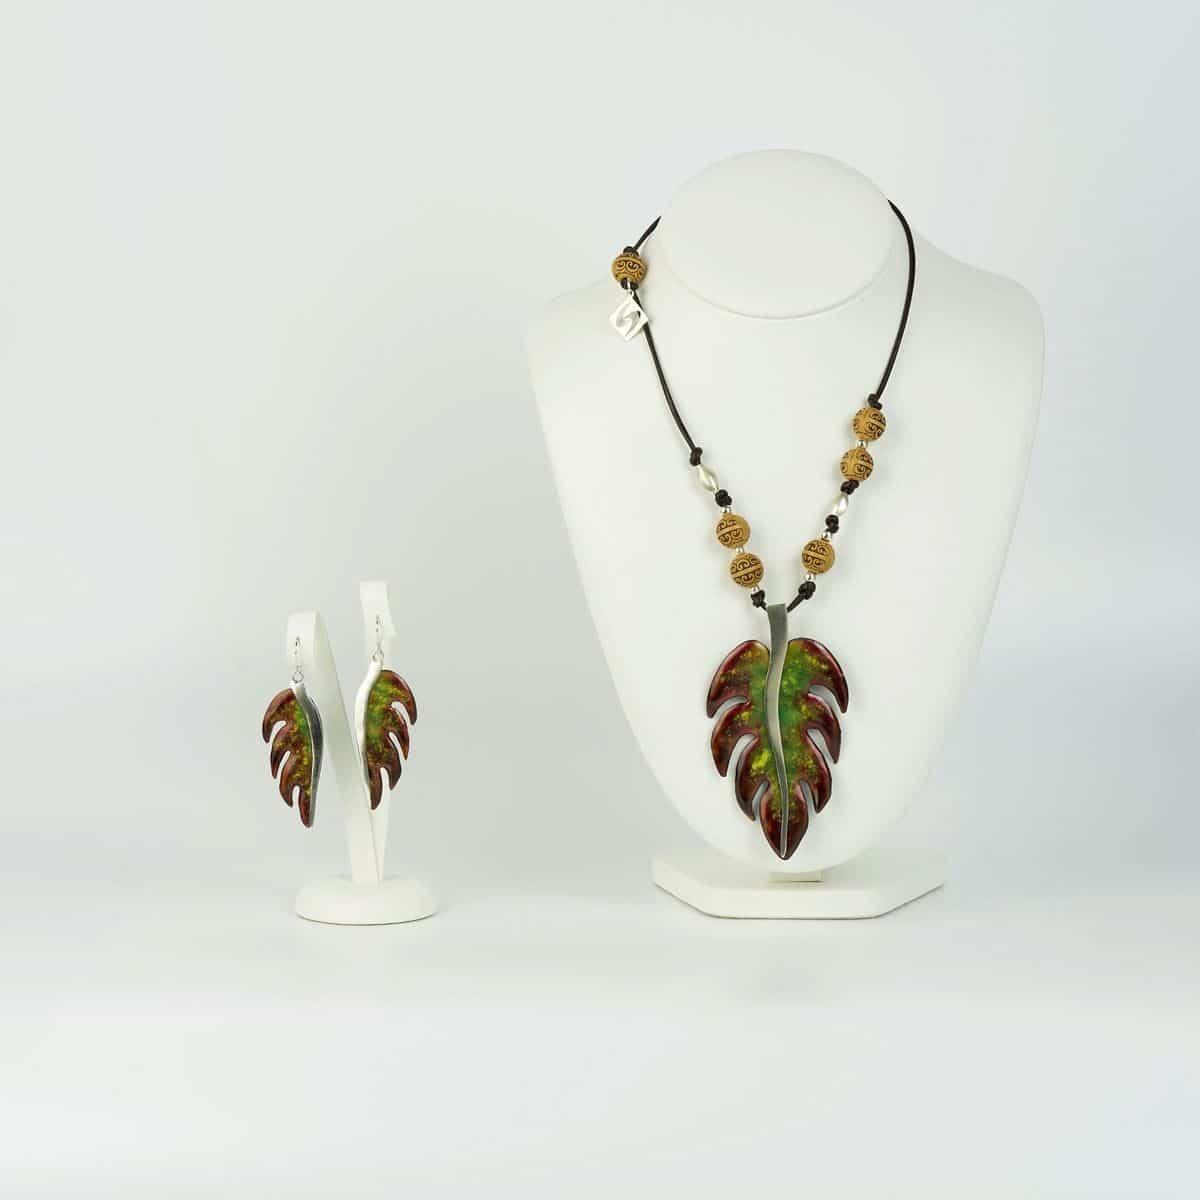 conjunto de diseño modelo palma, joyería de diseño de hoja en plata con esmalte al fuego, joyas siliva